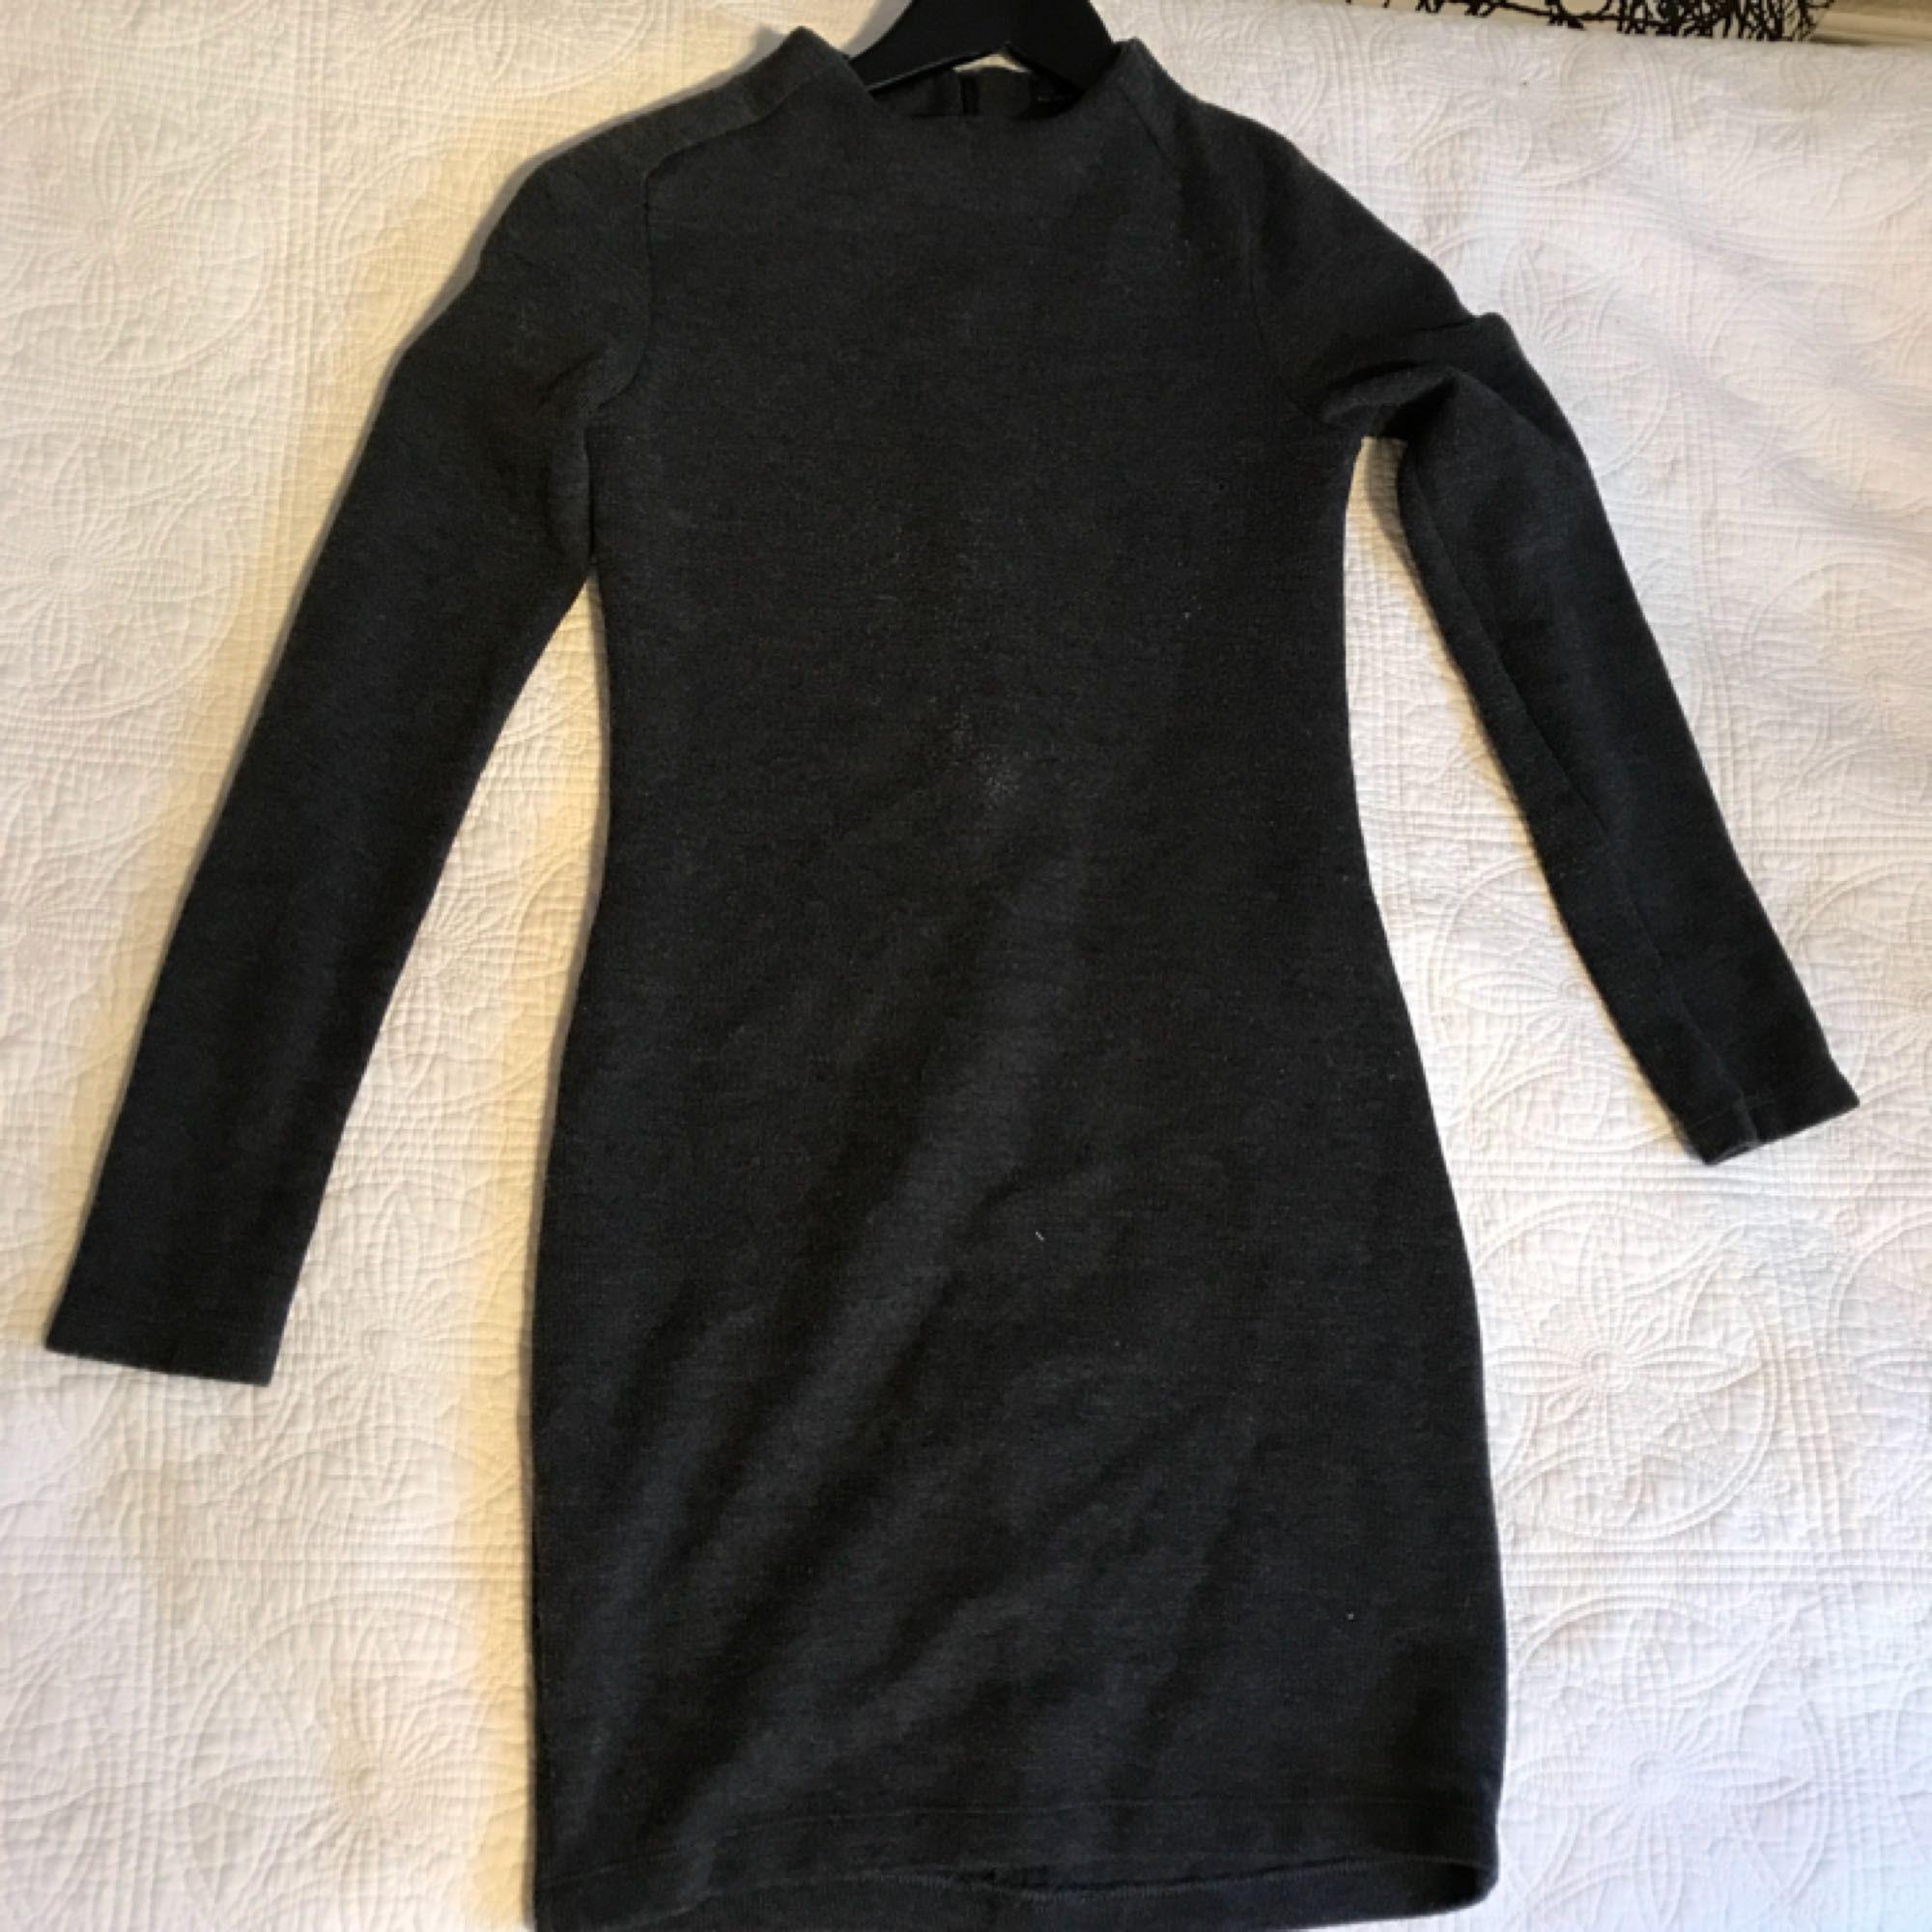 Zara klänning aldrig använd! Storlek - Zara Klänningar - Second Hand f9fb676fa4d47